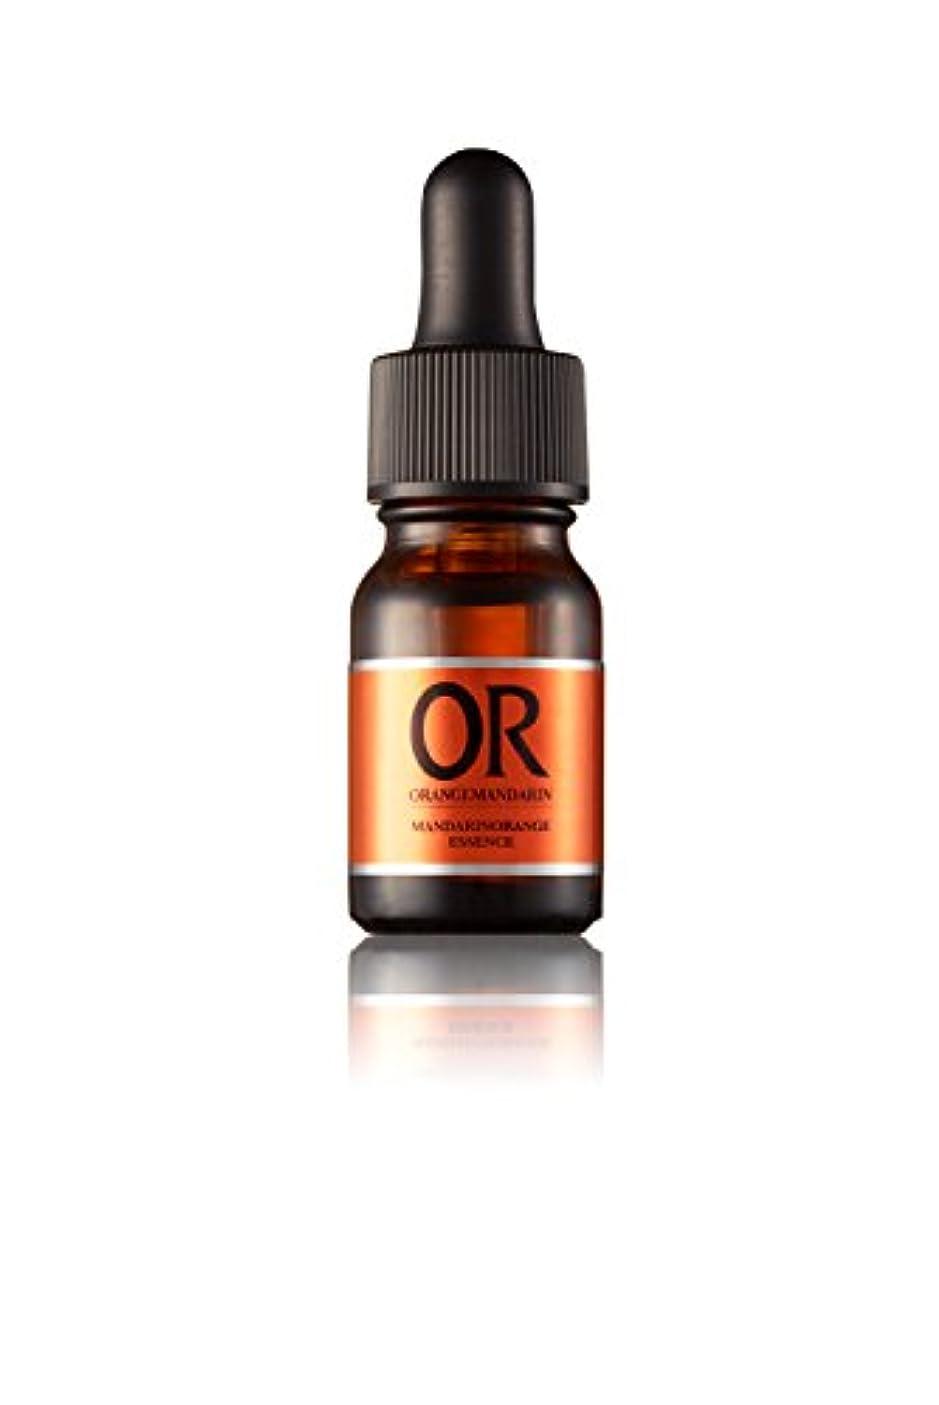 エビス化粧品(EBiS) オラージュマンダリン (10ml)毛穴ケア 美容原液 マンダリンオレンジ果皮抽出液 毛穴のための美容液